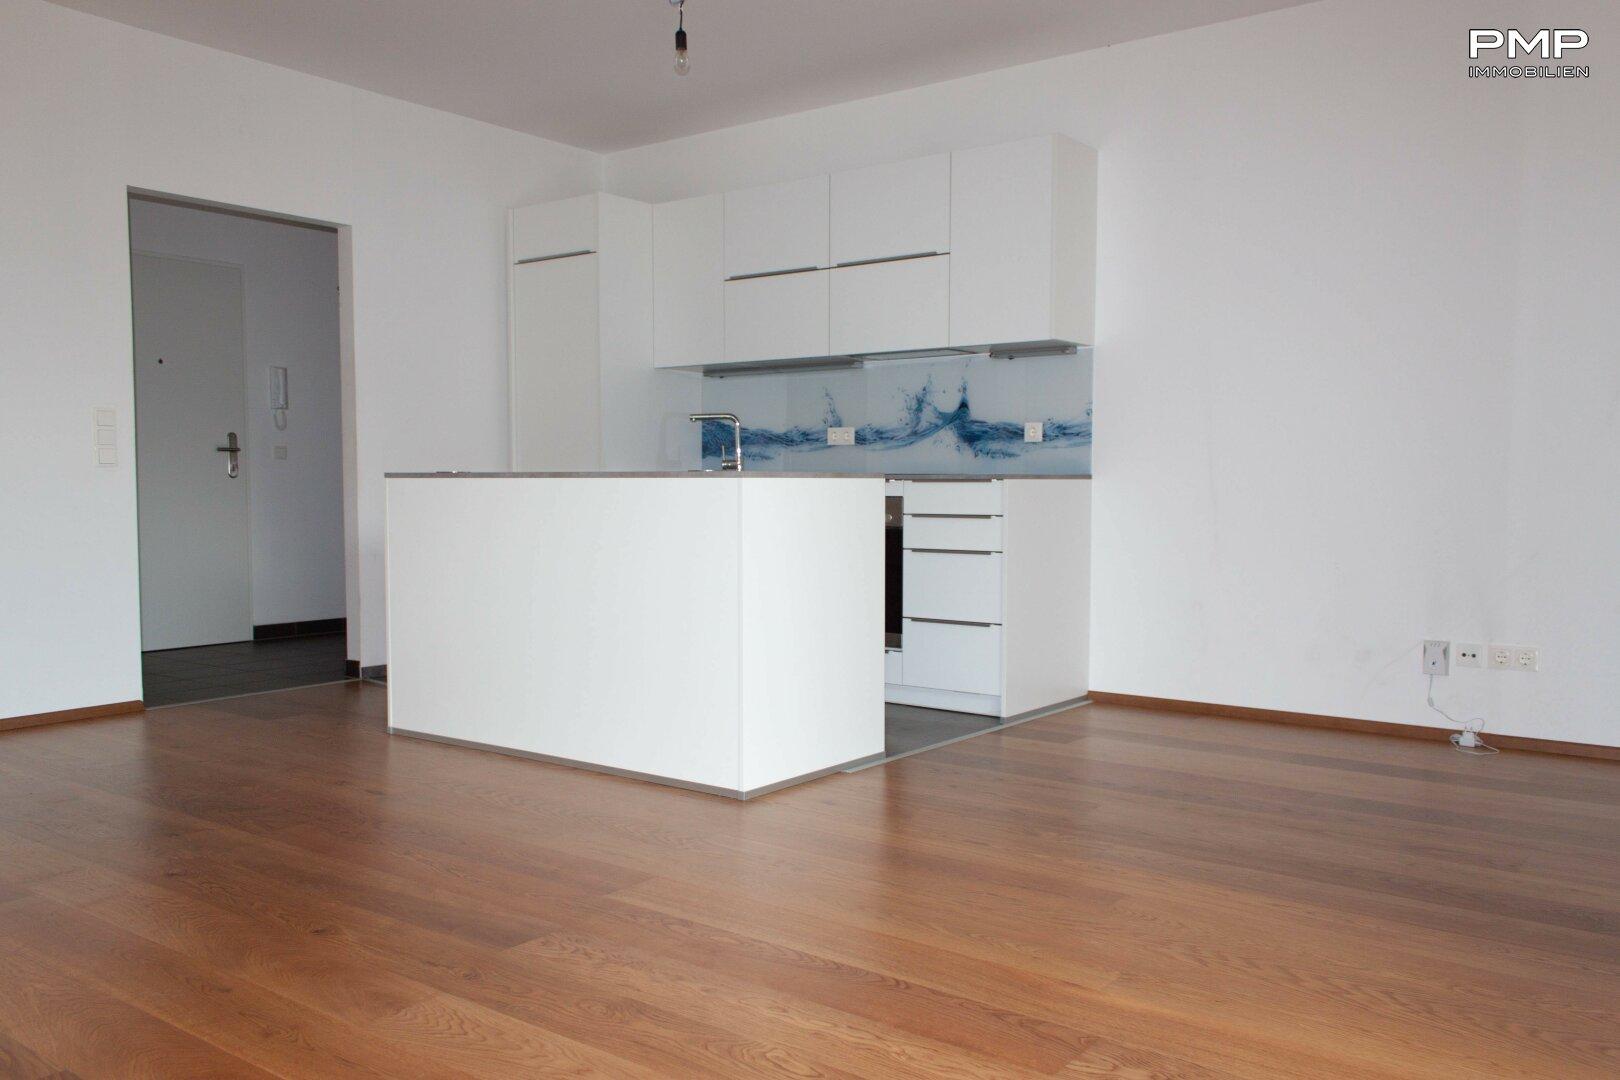 Einbauküche mit Kücheninsel